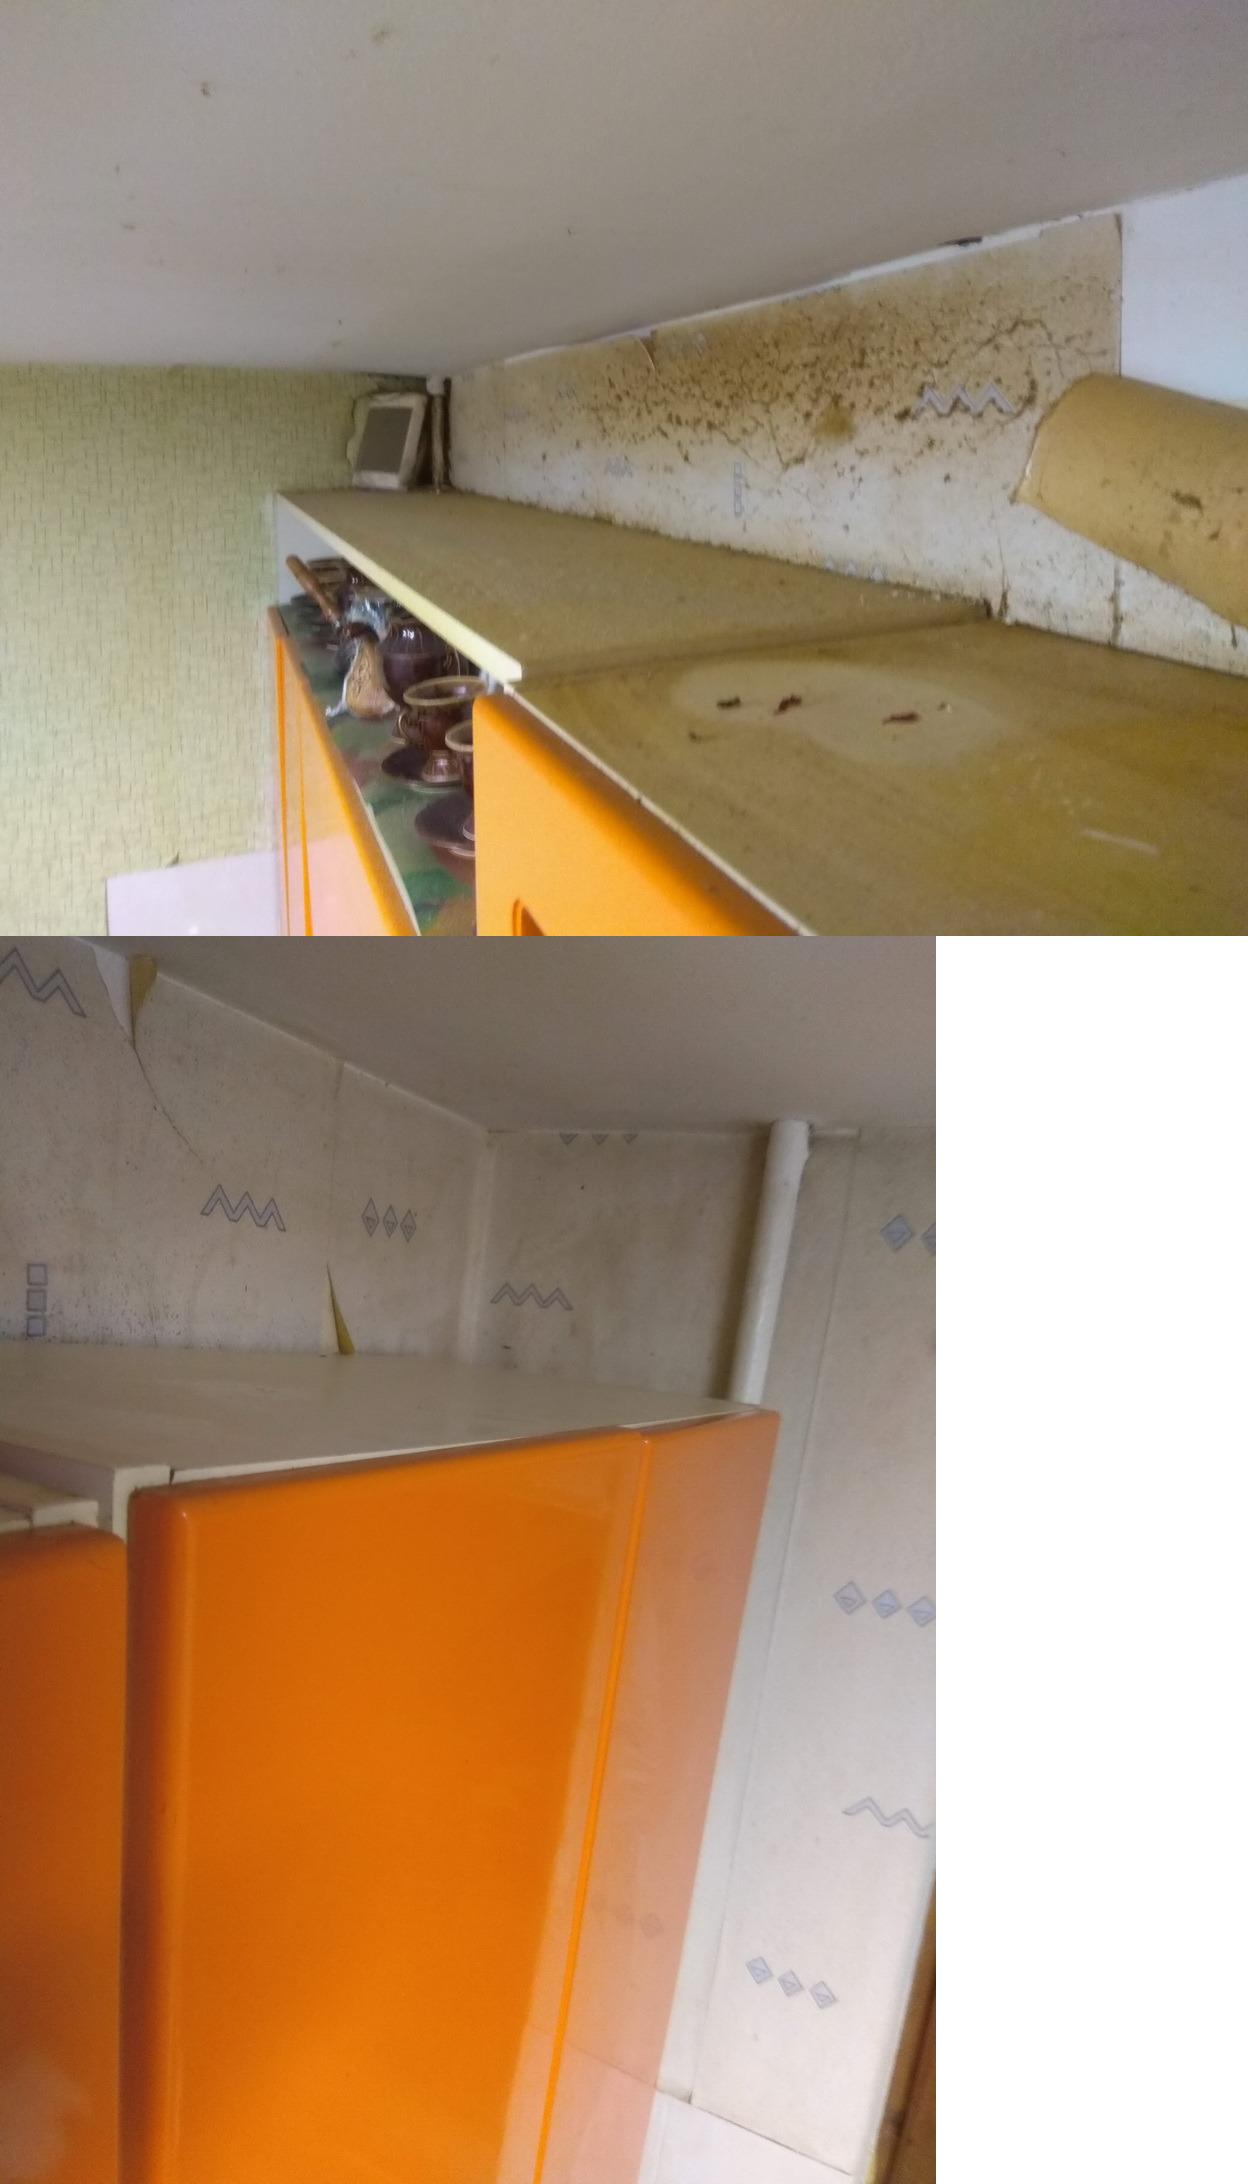 Фото Генеральная уборка кухни 11 м 2, помыть мебель (снаружи внутри), технику (газовая плитка, СВЧ, вытяжка, посудомойка, мультиварка), окно, пол (линолеум), батарею отопления, кафель, стены (моющиеся обои). Работа заняла 3,5 часа. Стоимость работ составила 600грн.